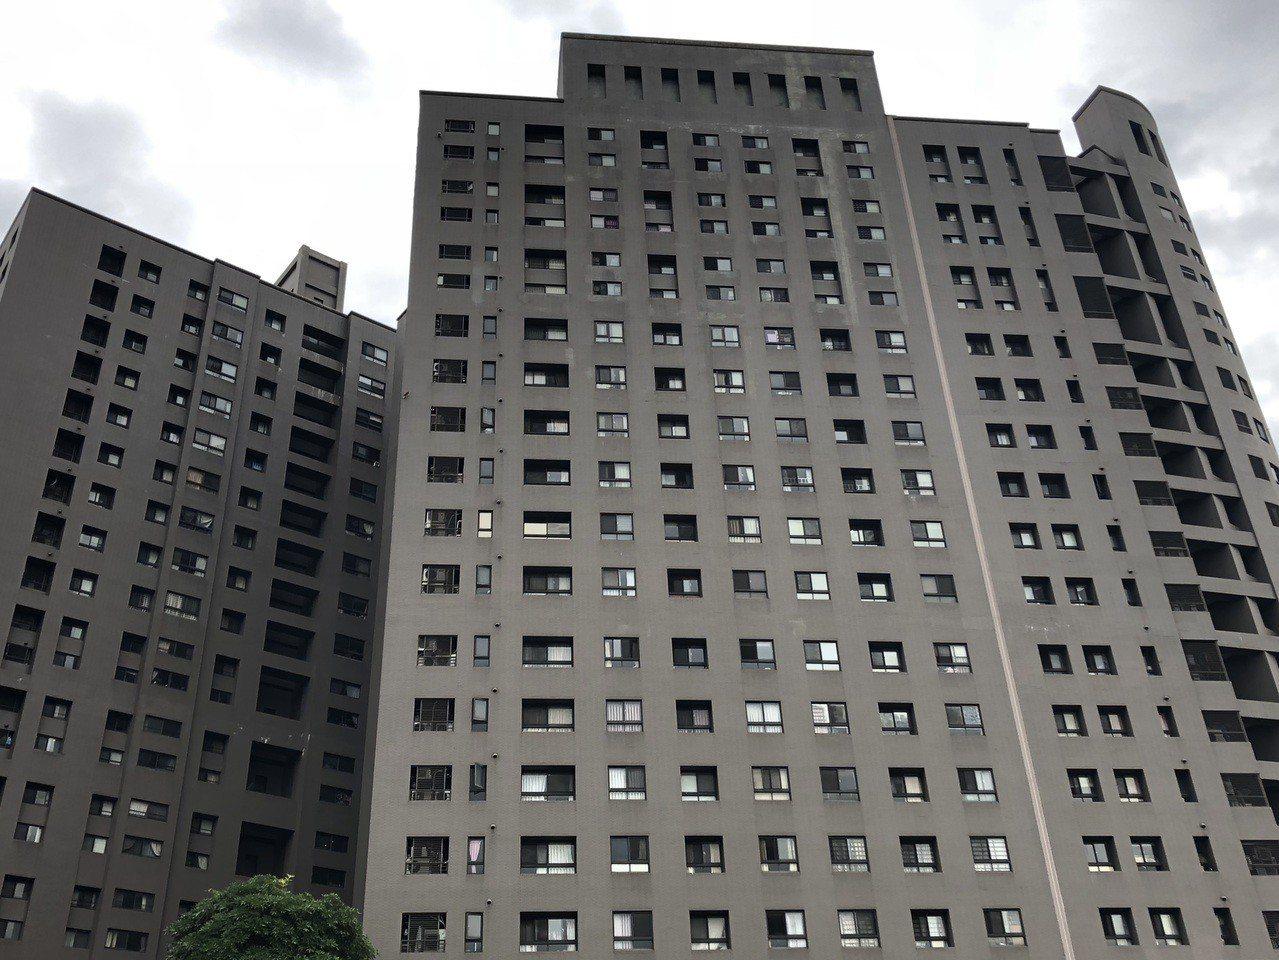 台中市南區大樓傳出一家三口吞藥、燒炭意外,釀兩死一傷慘劇。記者陳宏睿/攝影